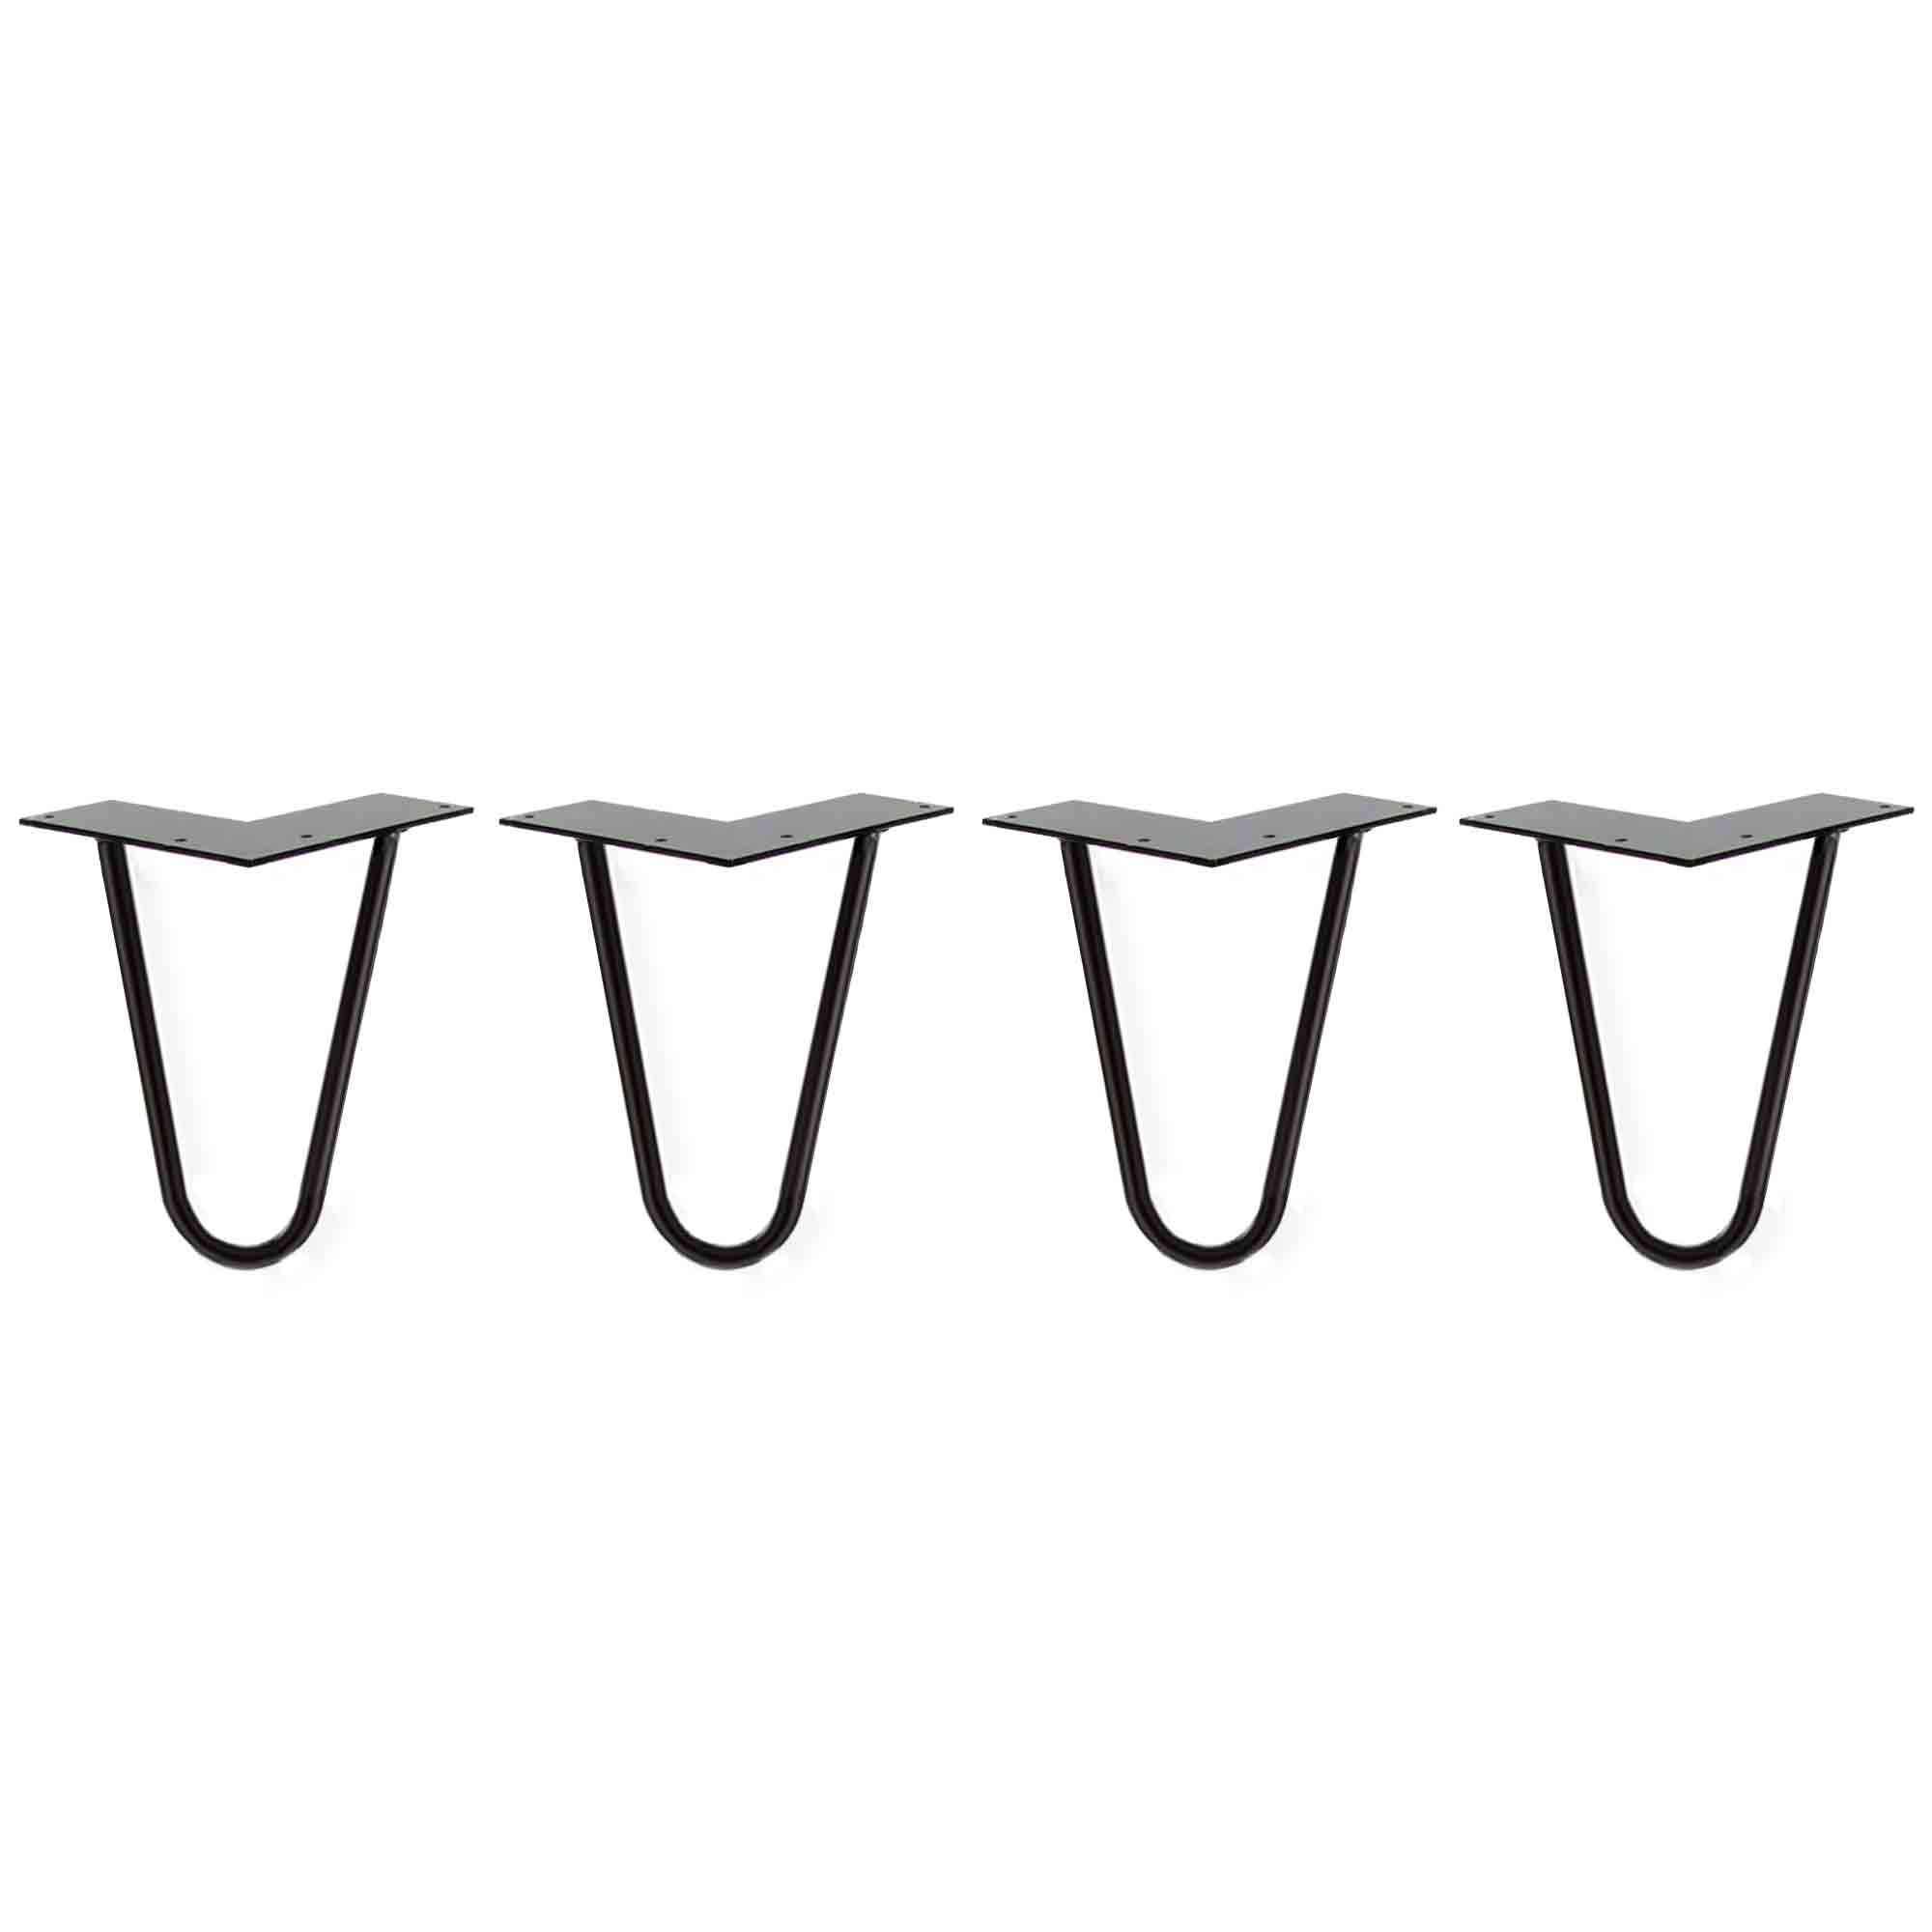 6 Inch Hair Pin Legs - Black